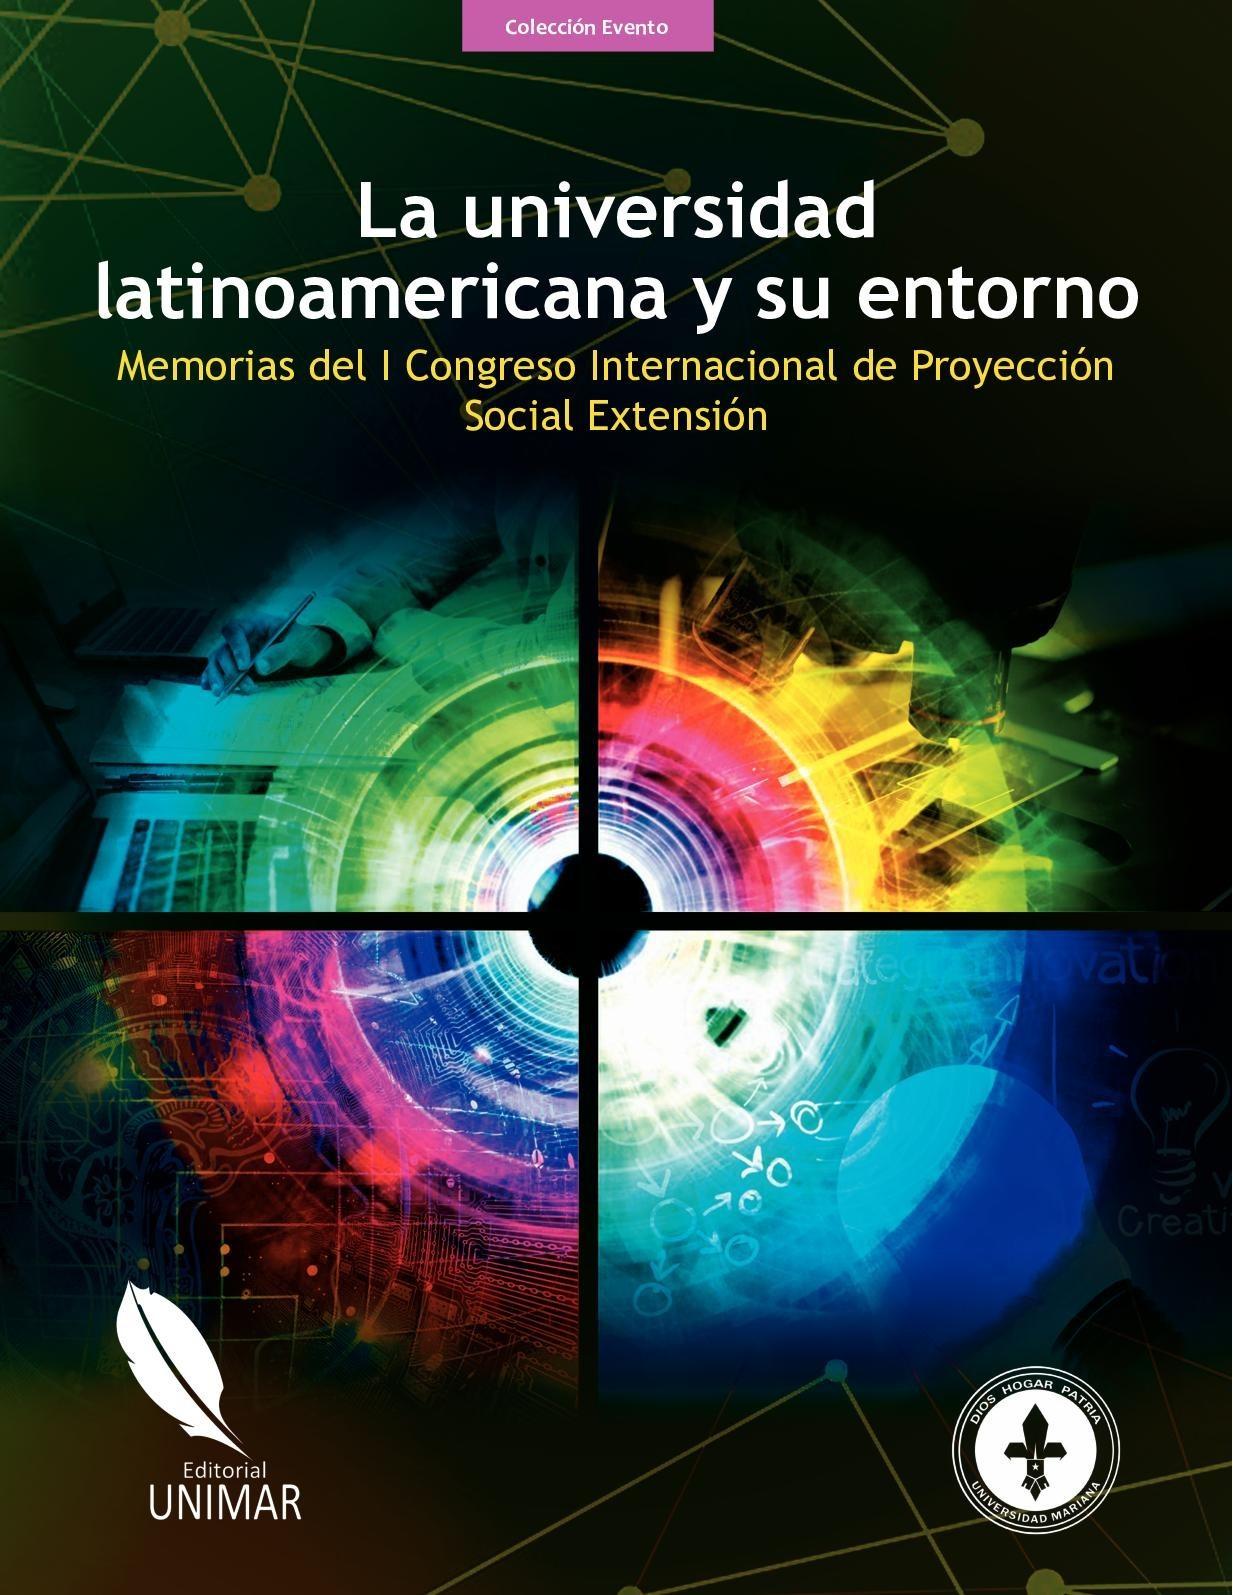 p1 Calaméo La Universidad Latinoamericana Y Su Entorno Final procedente de calendario escolar 2019 en panama